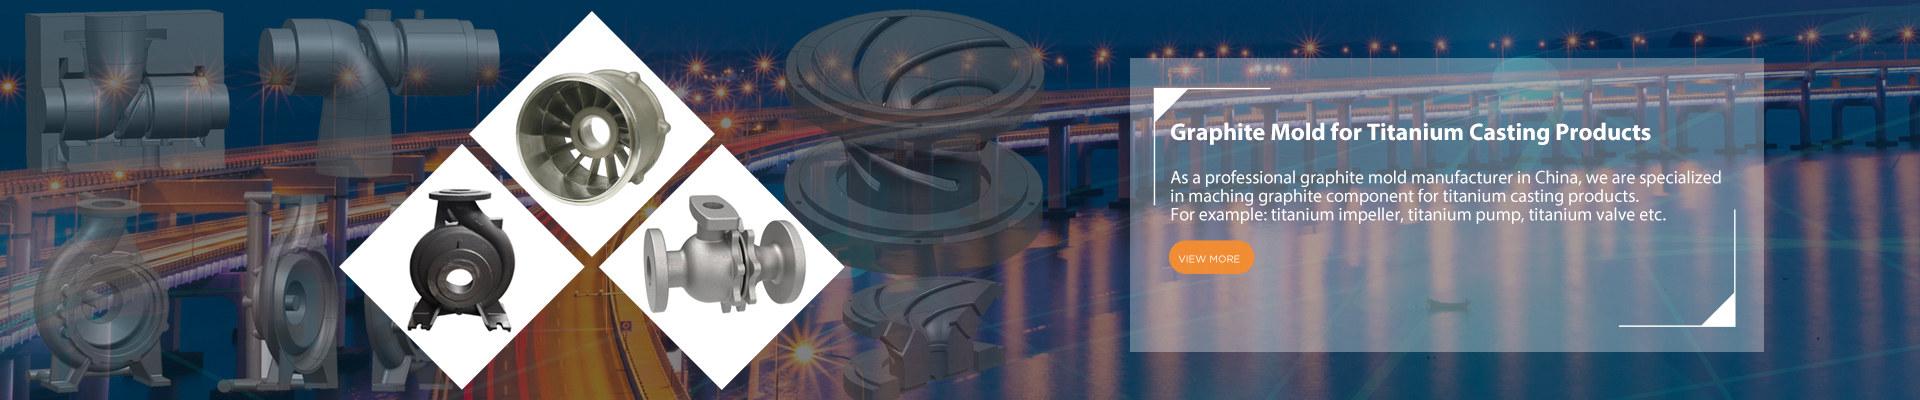 Graphite mold titanium casting titanium pump titanium valve titanium impeller